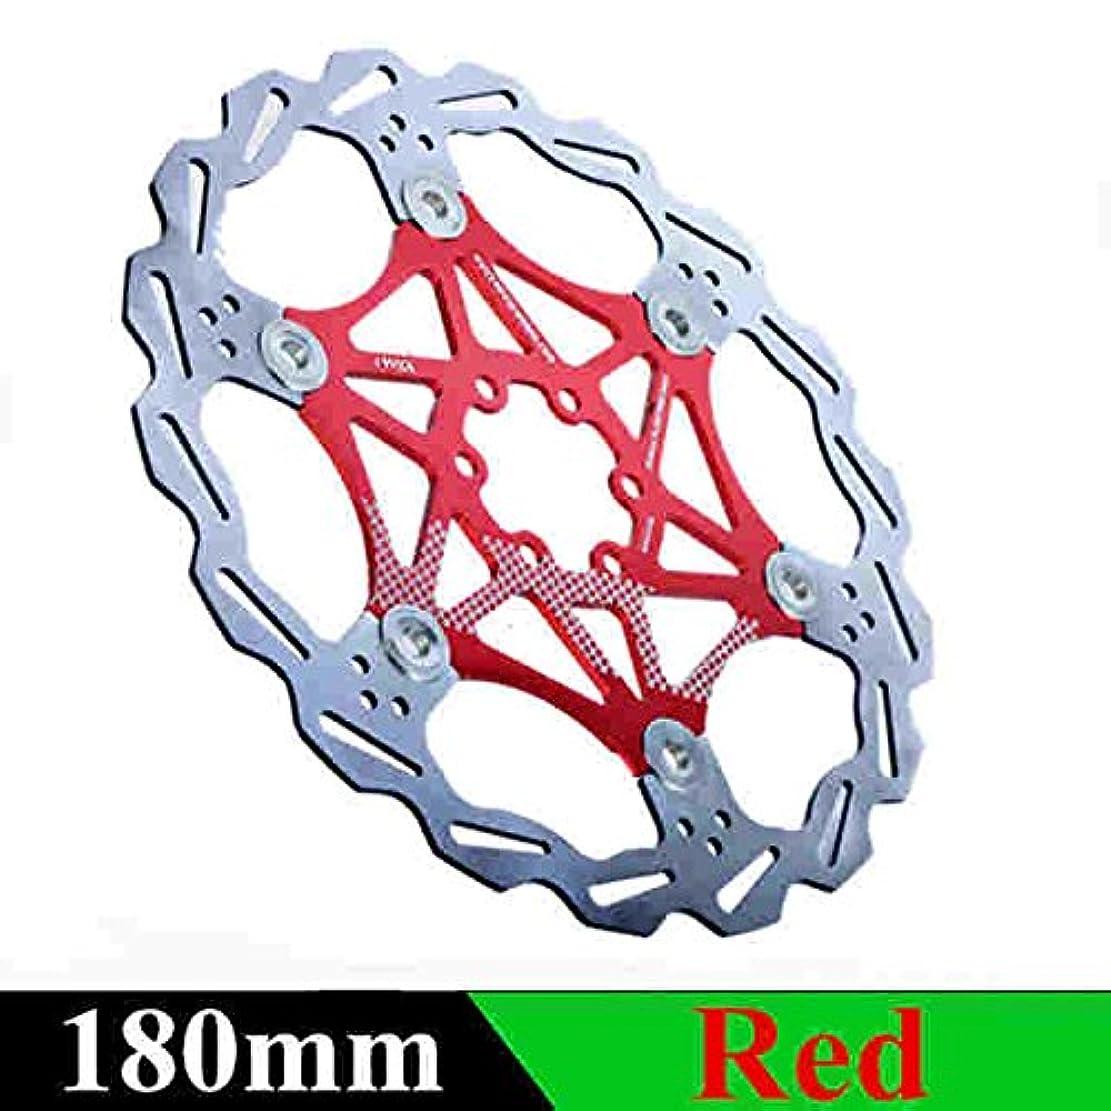 火山学マティス有限Propenary - 自転車ディスクブレーキDHブレーキフロートは、ディスクローターをフローティング160ミリメートル/ 180ミリメートル/ 203ミリメートルHydreaulicブレーキパッドフロートローター自転車パーツ[180ミリメートルレッド]